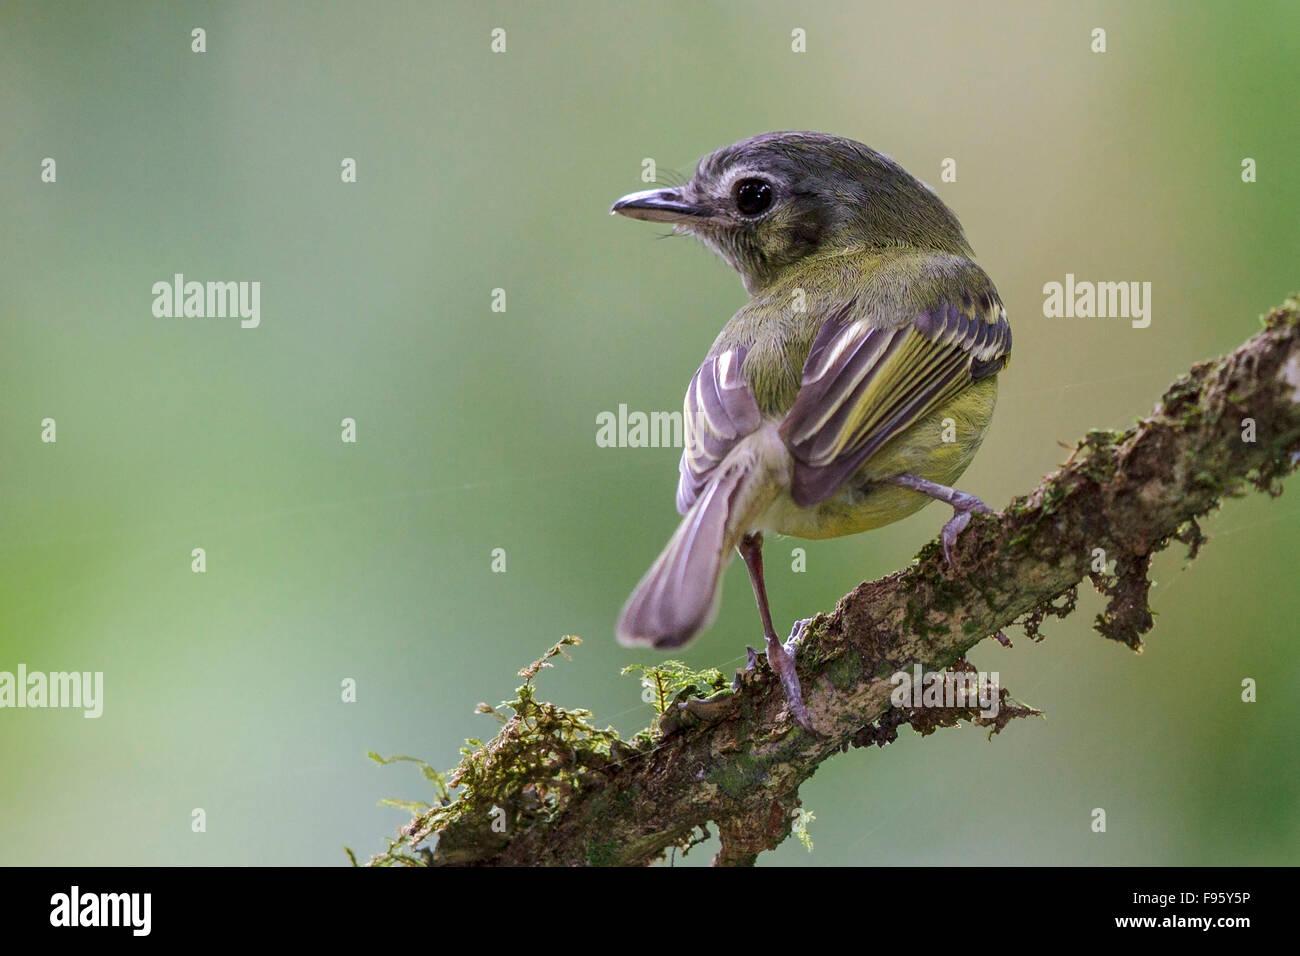 São Paulo Tyrannulet (Phylloscartes paulista) perché sur une branche dans la forêt tropicale atlantique Photo Stock